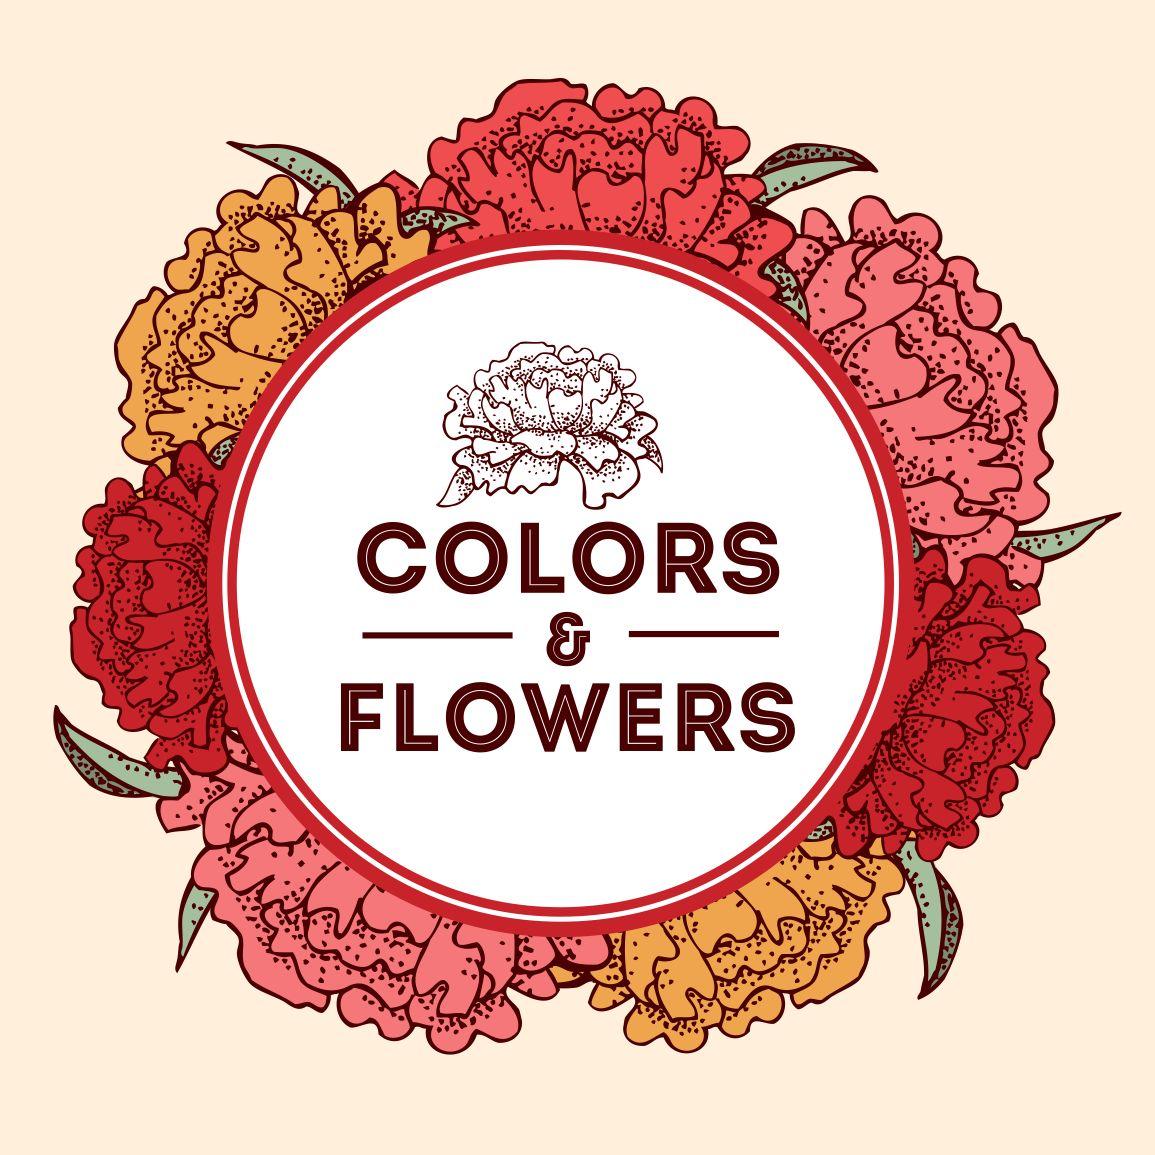 Colors & Flowers Логотип и фирменный стиль - дизайнер logig